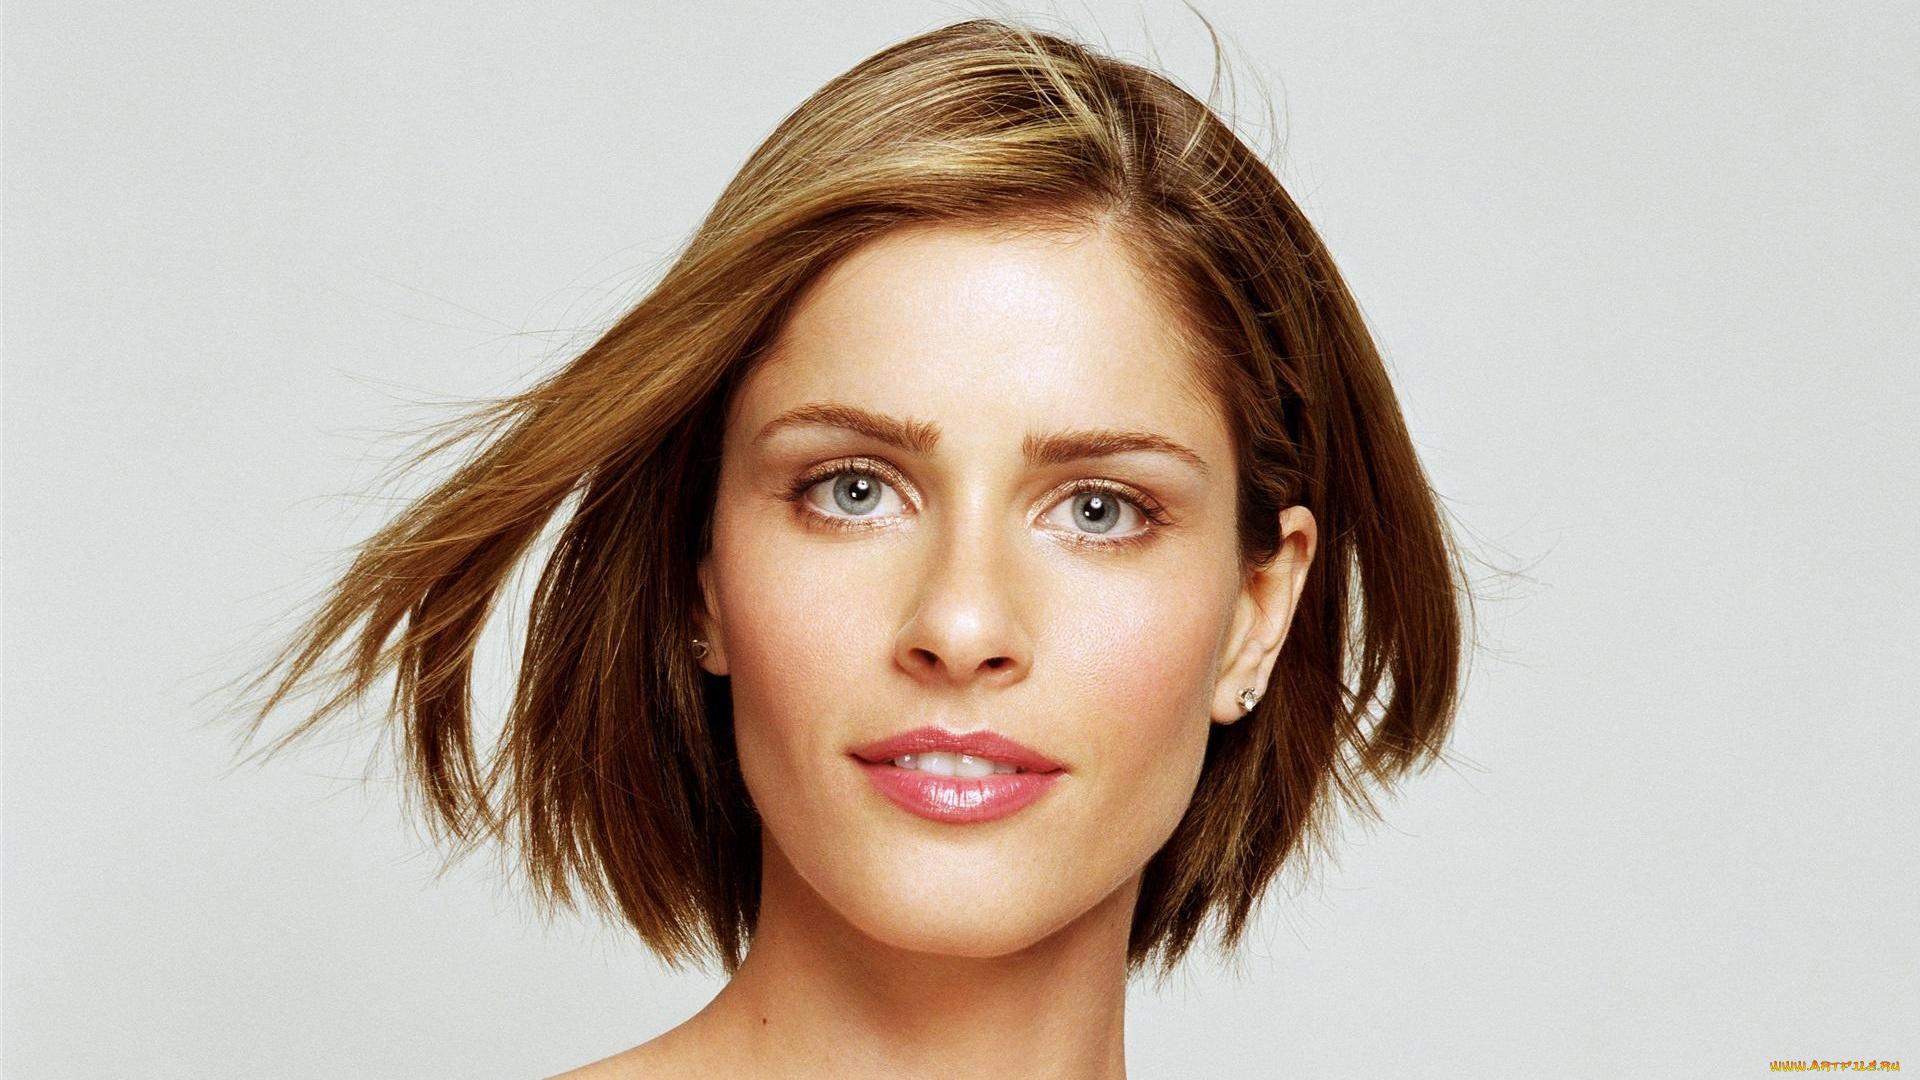 Квадратно-овальное лицо макияж